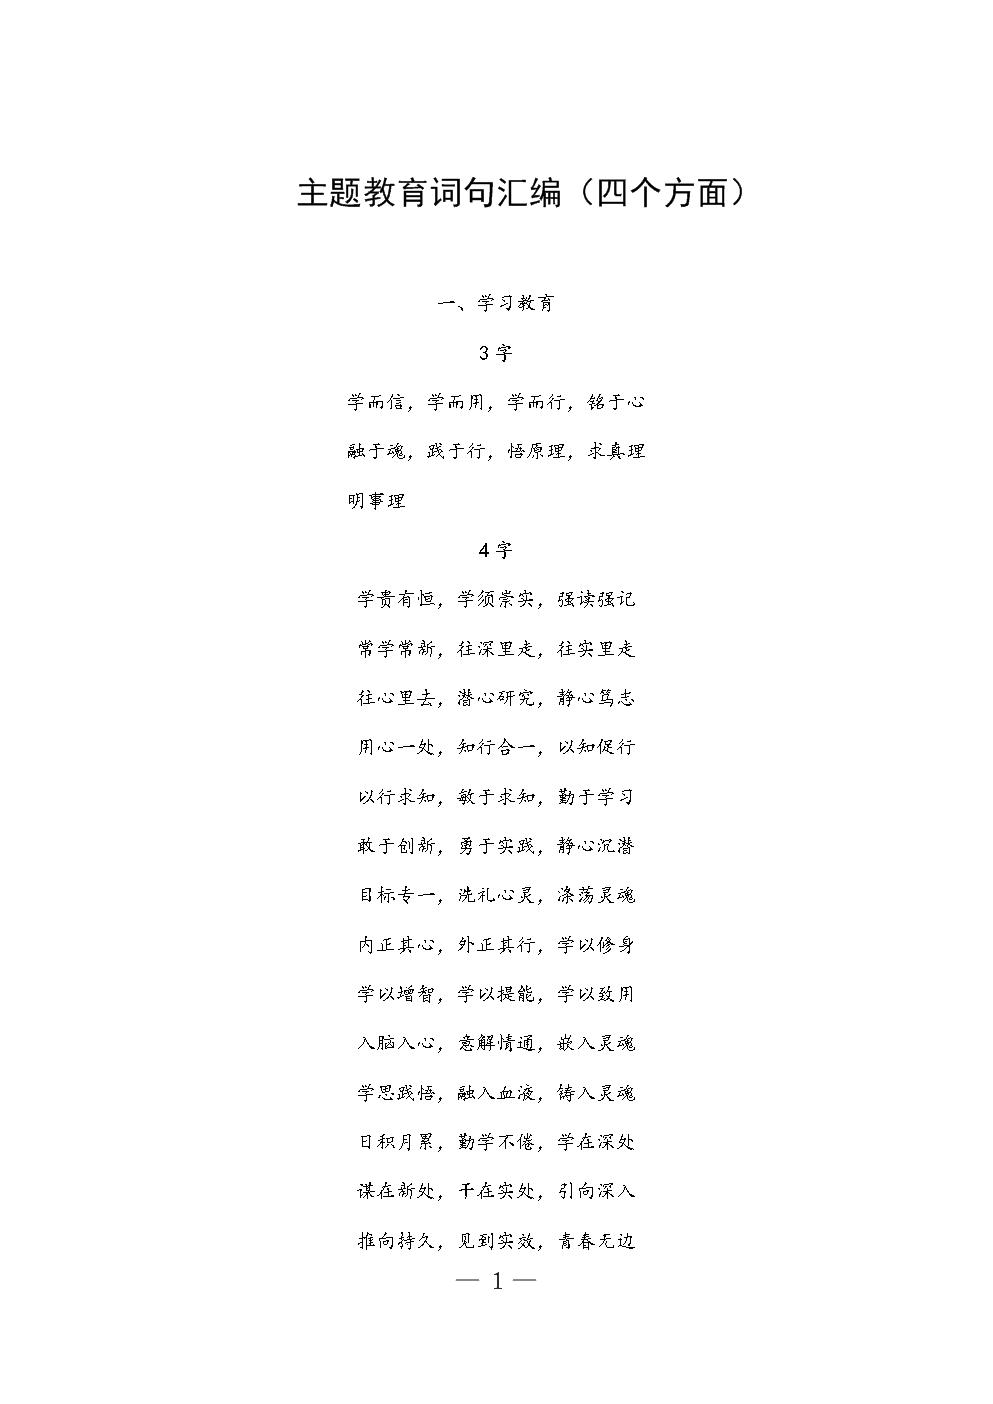 主题教育词句汇编(四个方面).docx